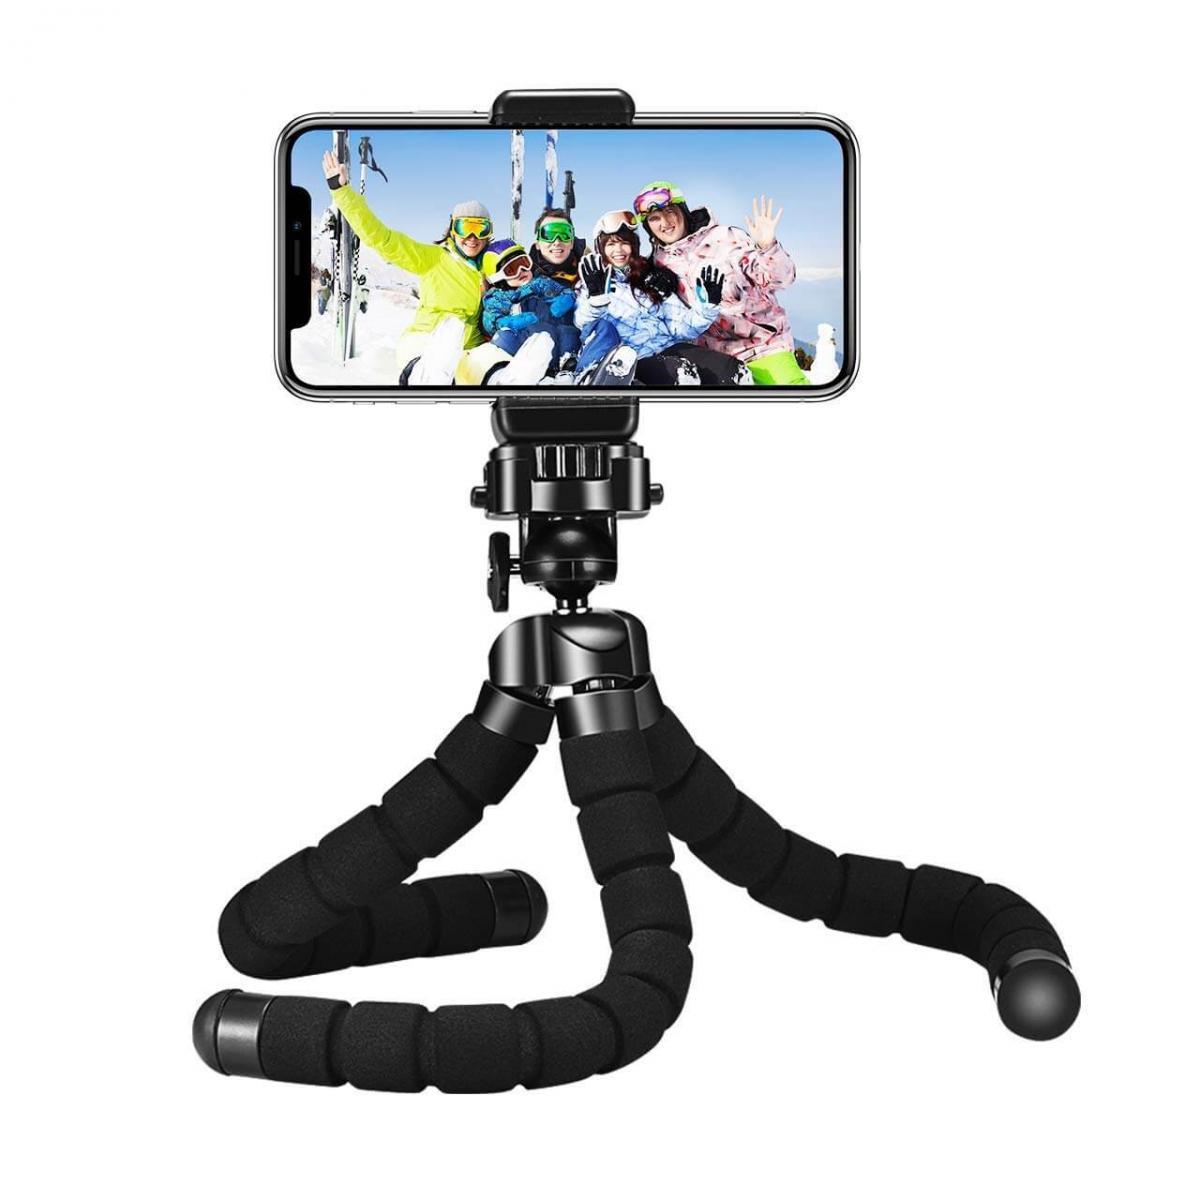 Mpow Flexible Phone Tripod